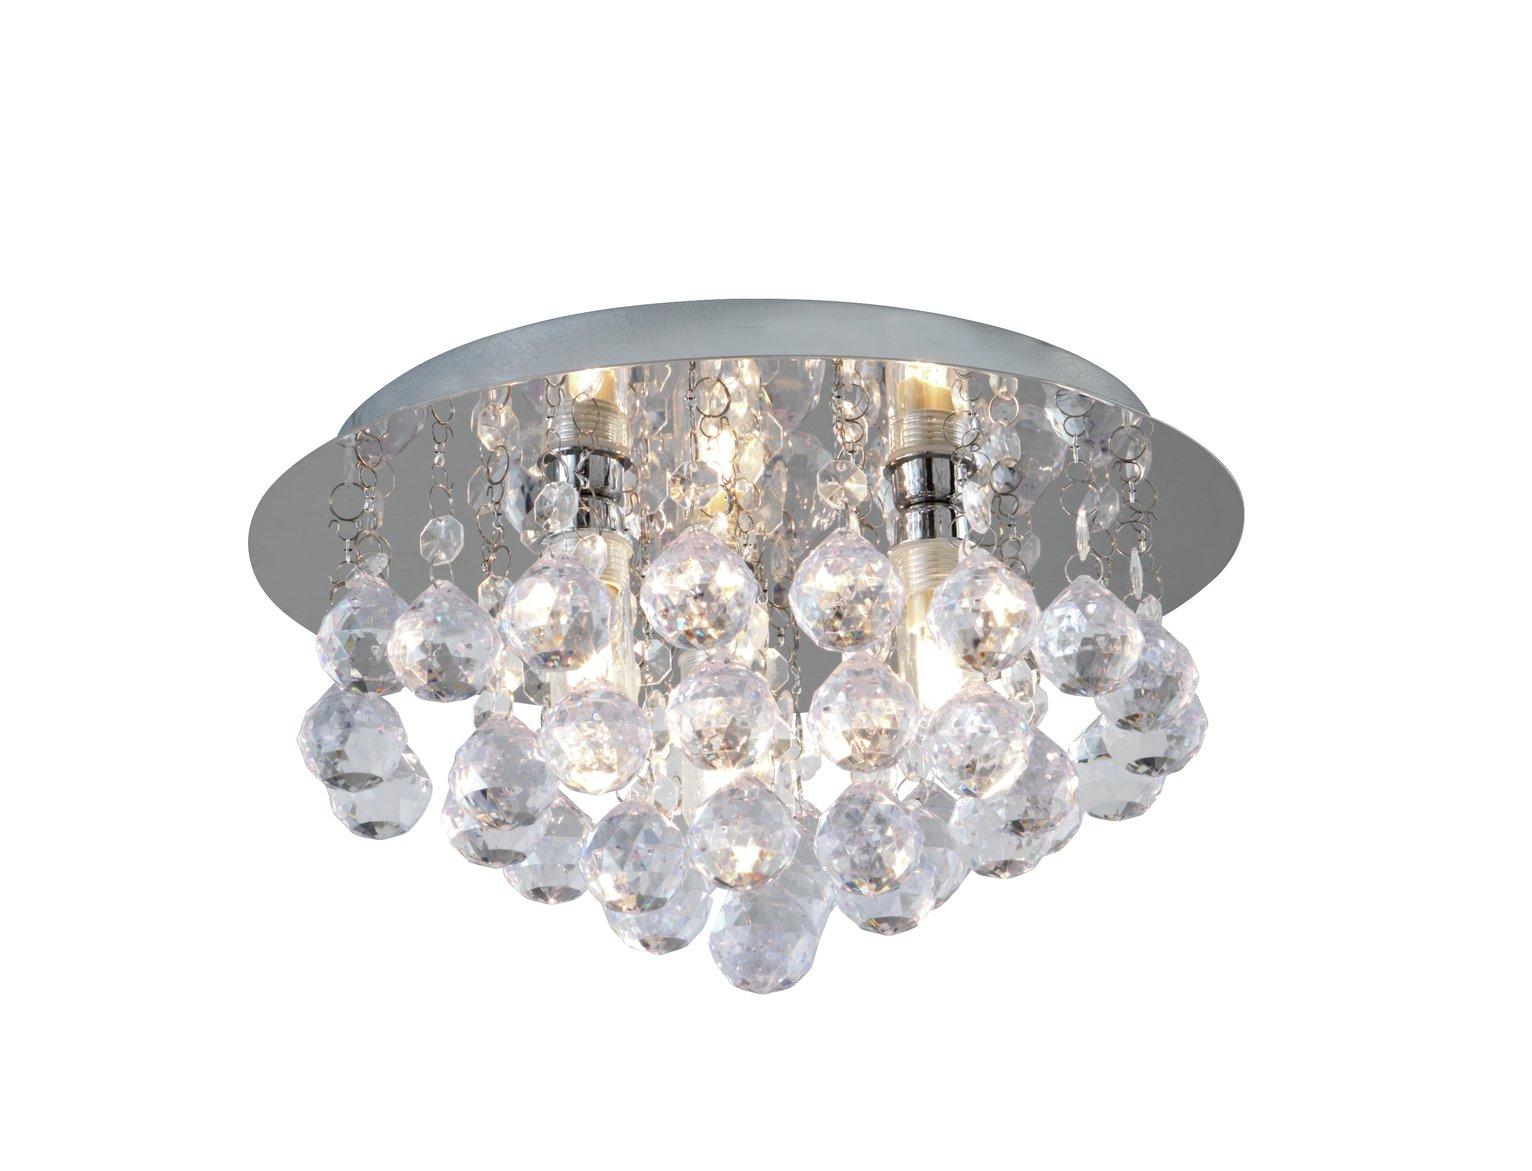 Argos Home Reina Droplets Flush Ceiling Light Reviews